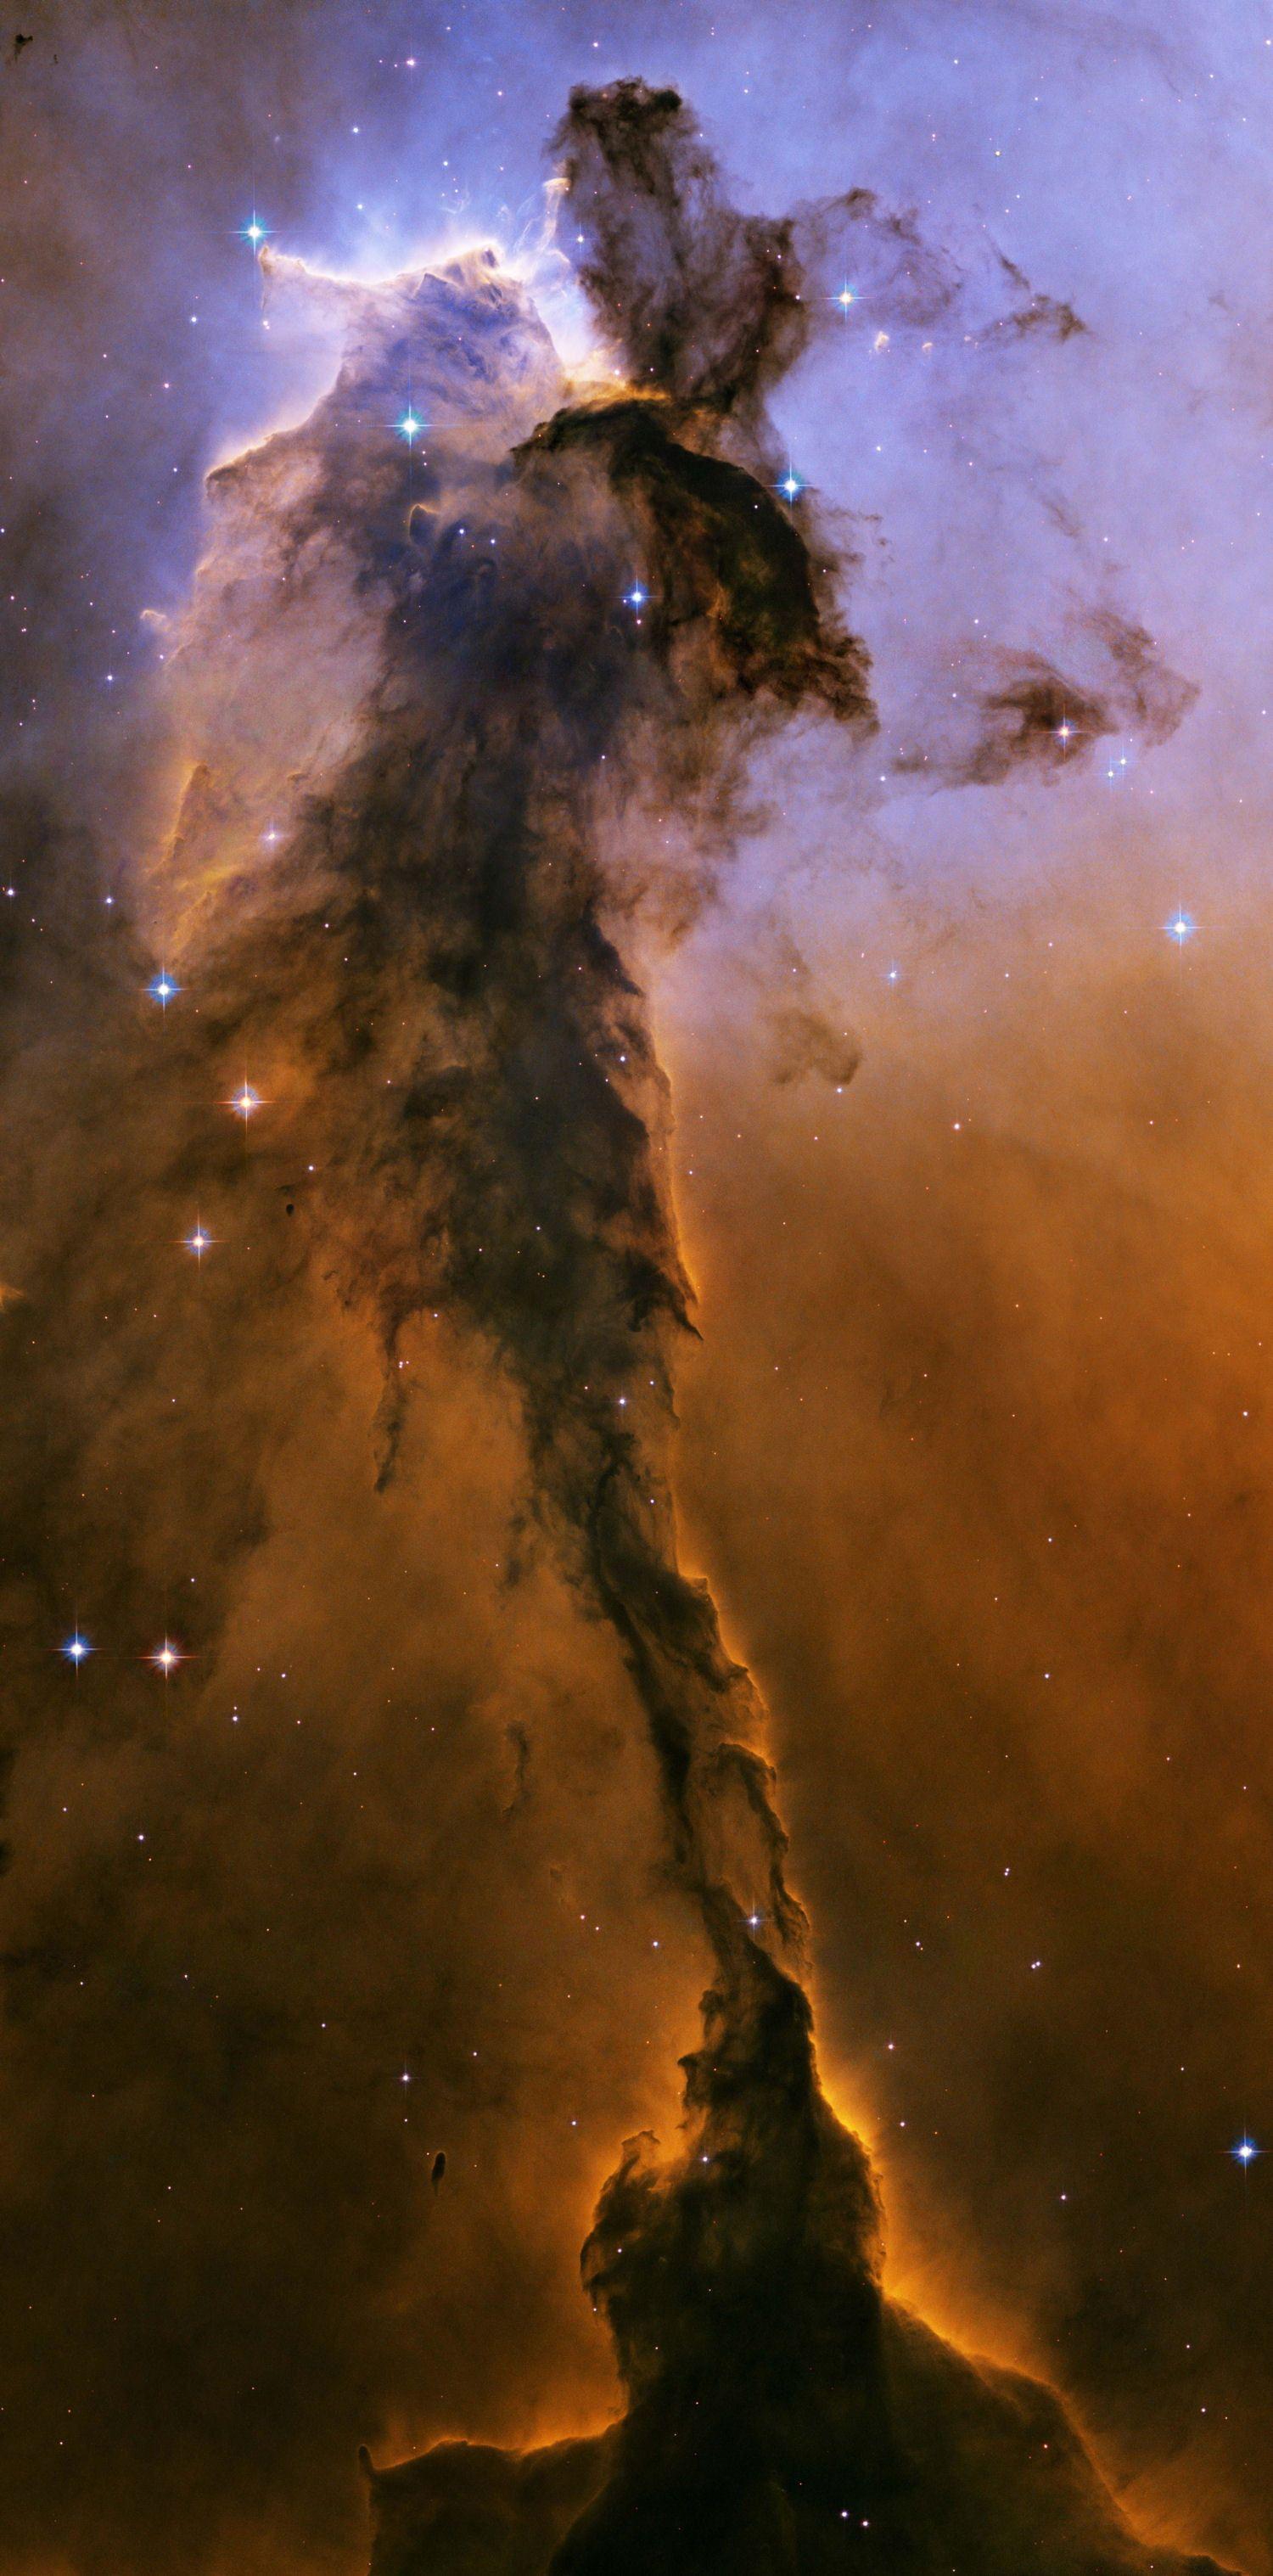 Les 10 plus belles nébuleuses de l'univers is part of Hubble images - Composées de gaz et de poussières interstellaires, les nébuleuses jouent un rôle clé dans la formation des étoiles  Prenant d'impressionnantes formes et couleurs, la NASA a capturé les plus belles grâce à ses télescopes